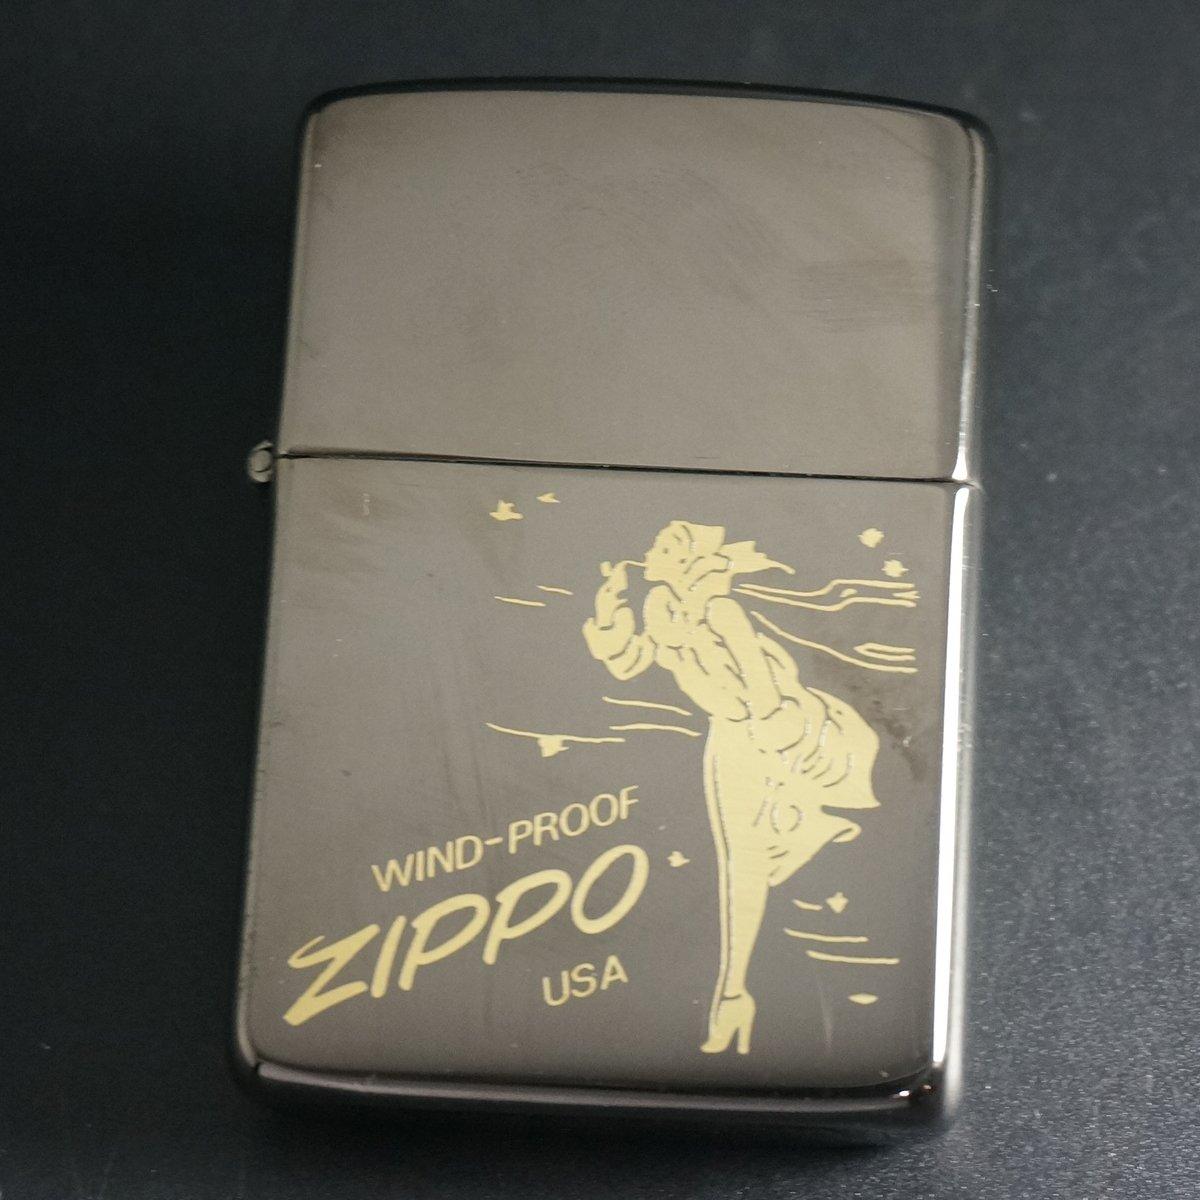 zippo WINDY ブラックニッケル 金入れ 1985年製造 B076MSP59N